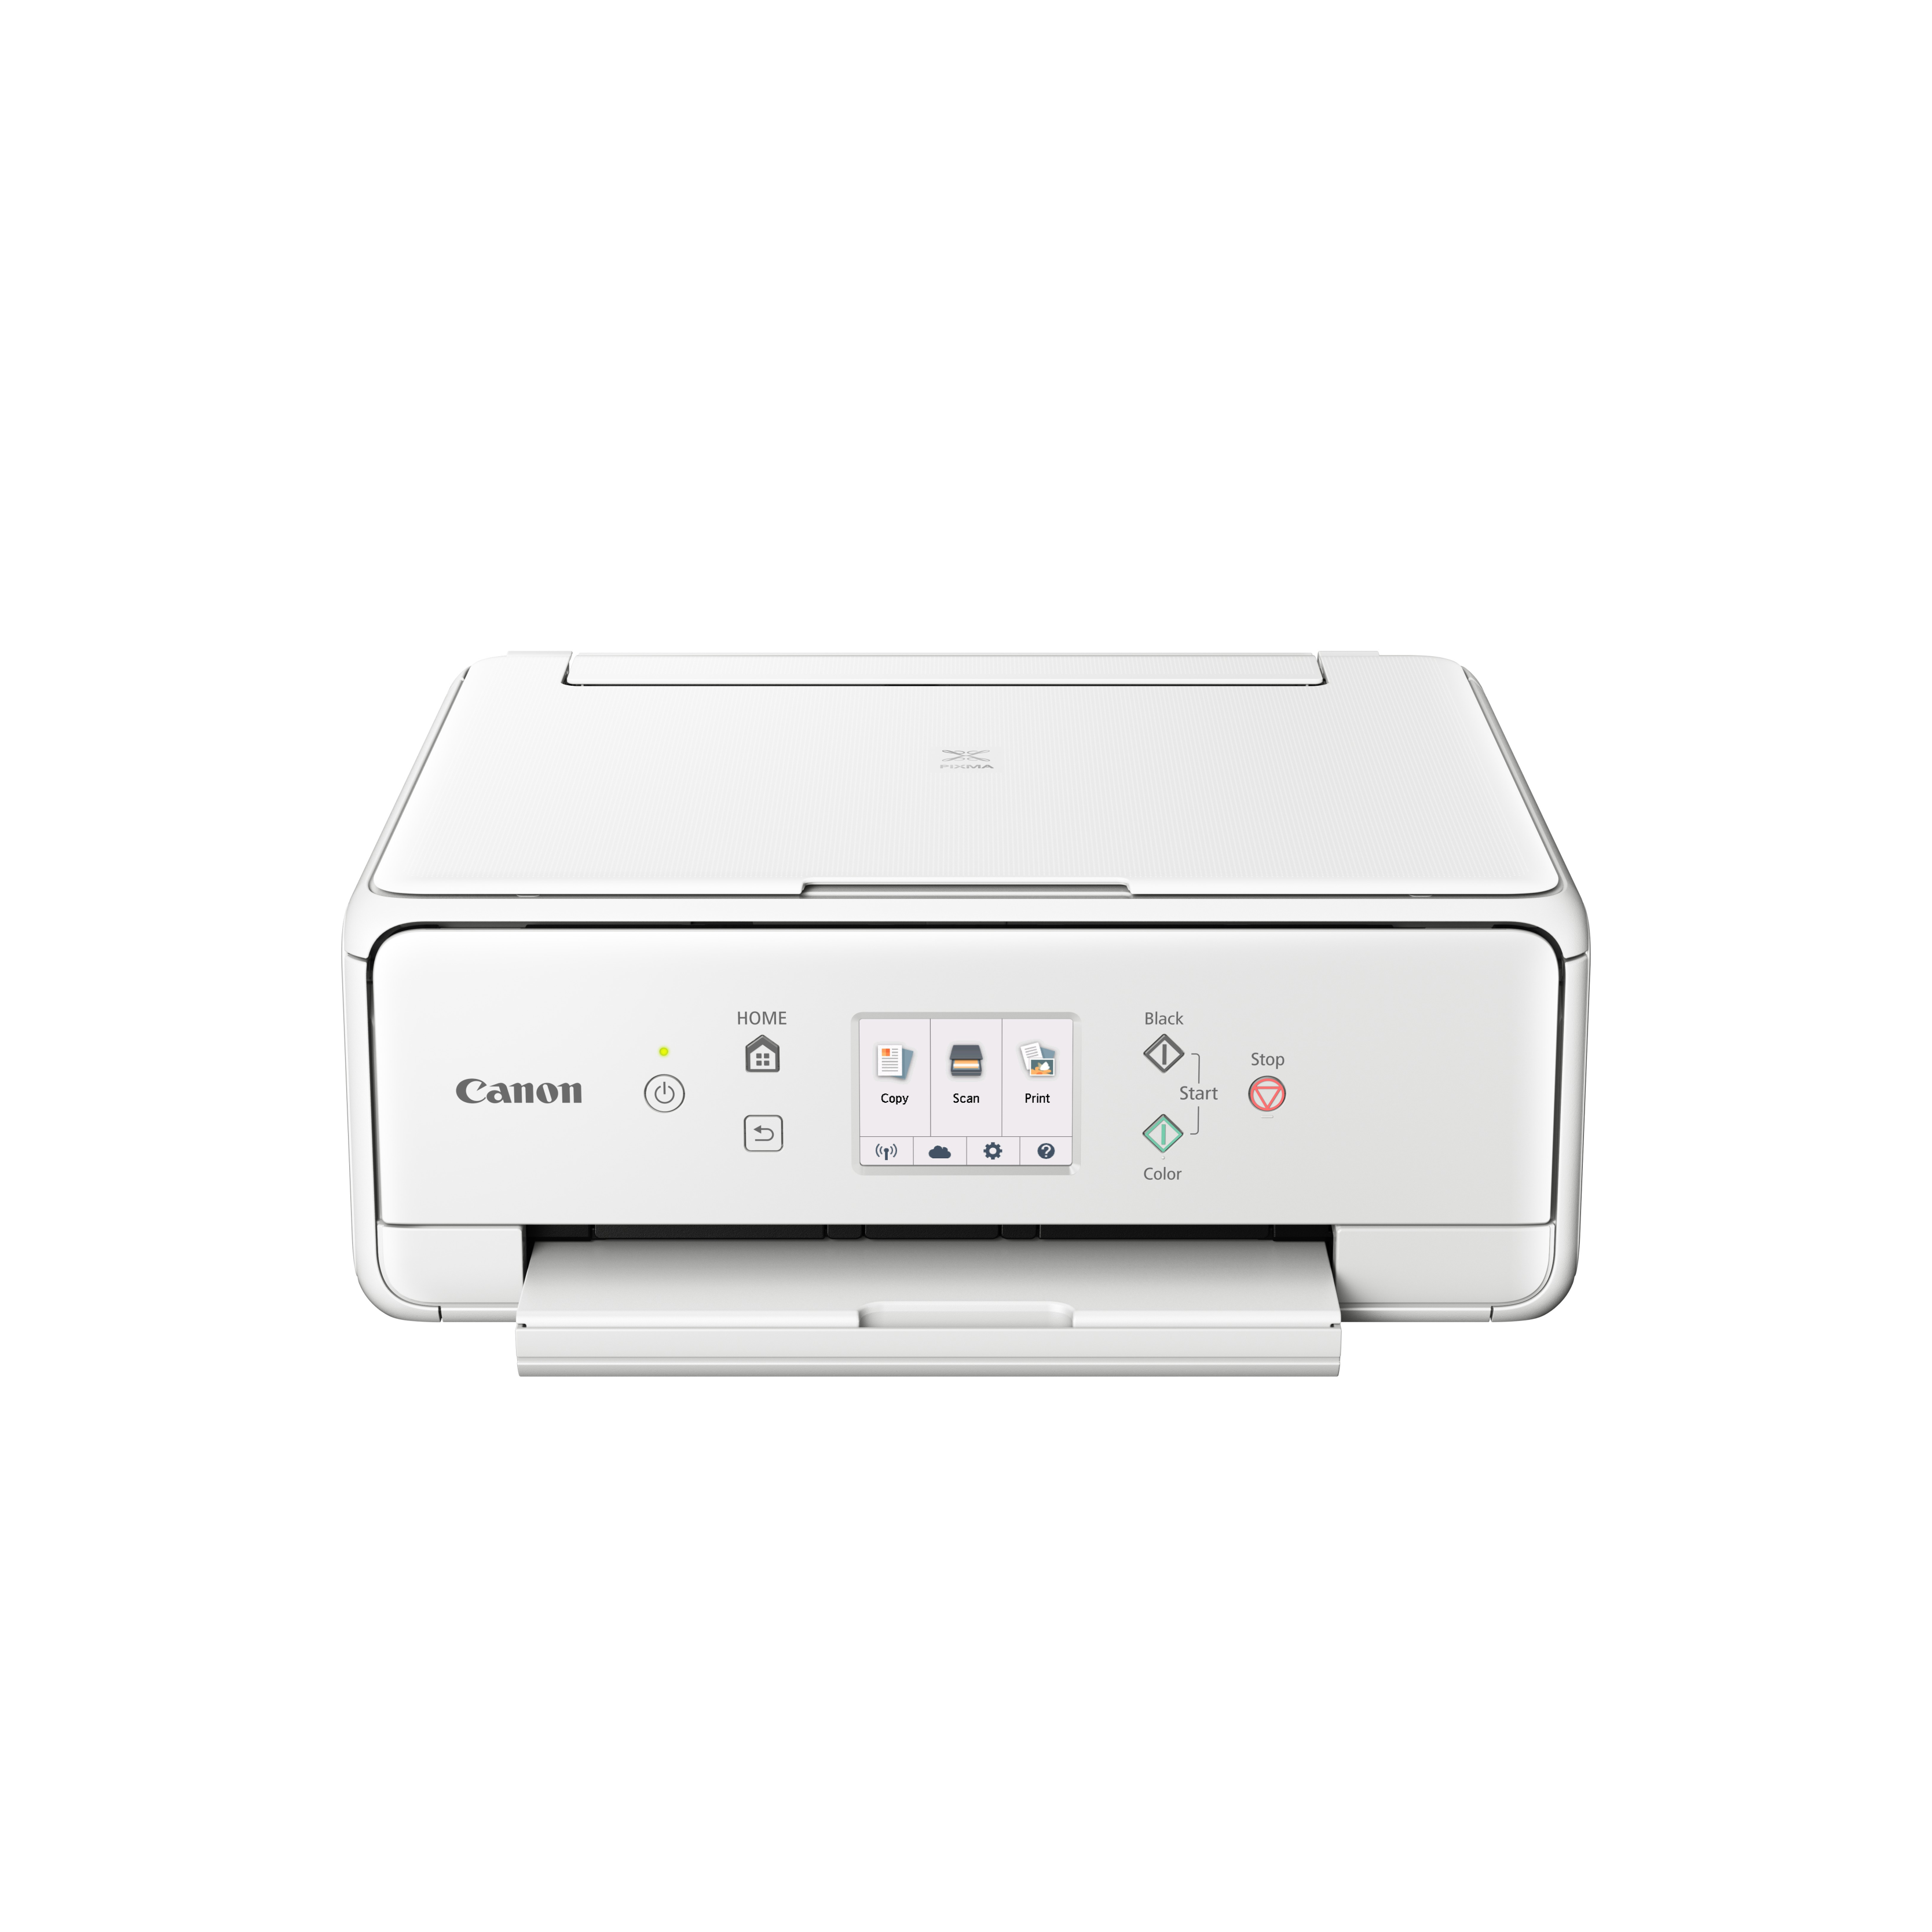 Zlevněné zboží: Canon PIXMA TS6051 - PSC/Wi-Fi/AP/WiFi-Direct/Duplex/PictBridge/4800x1200/USB white